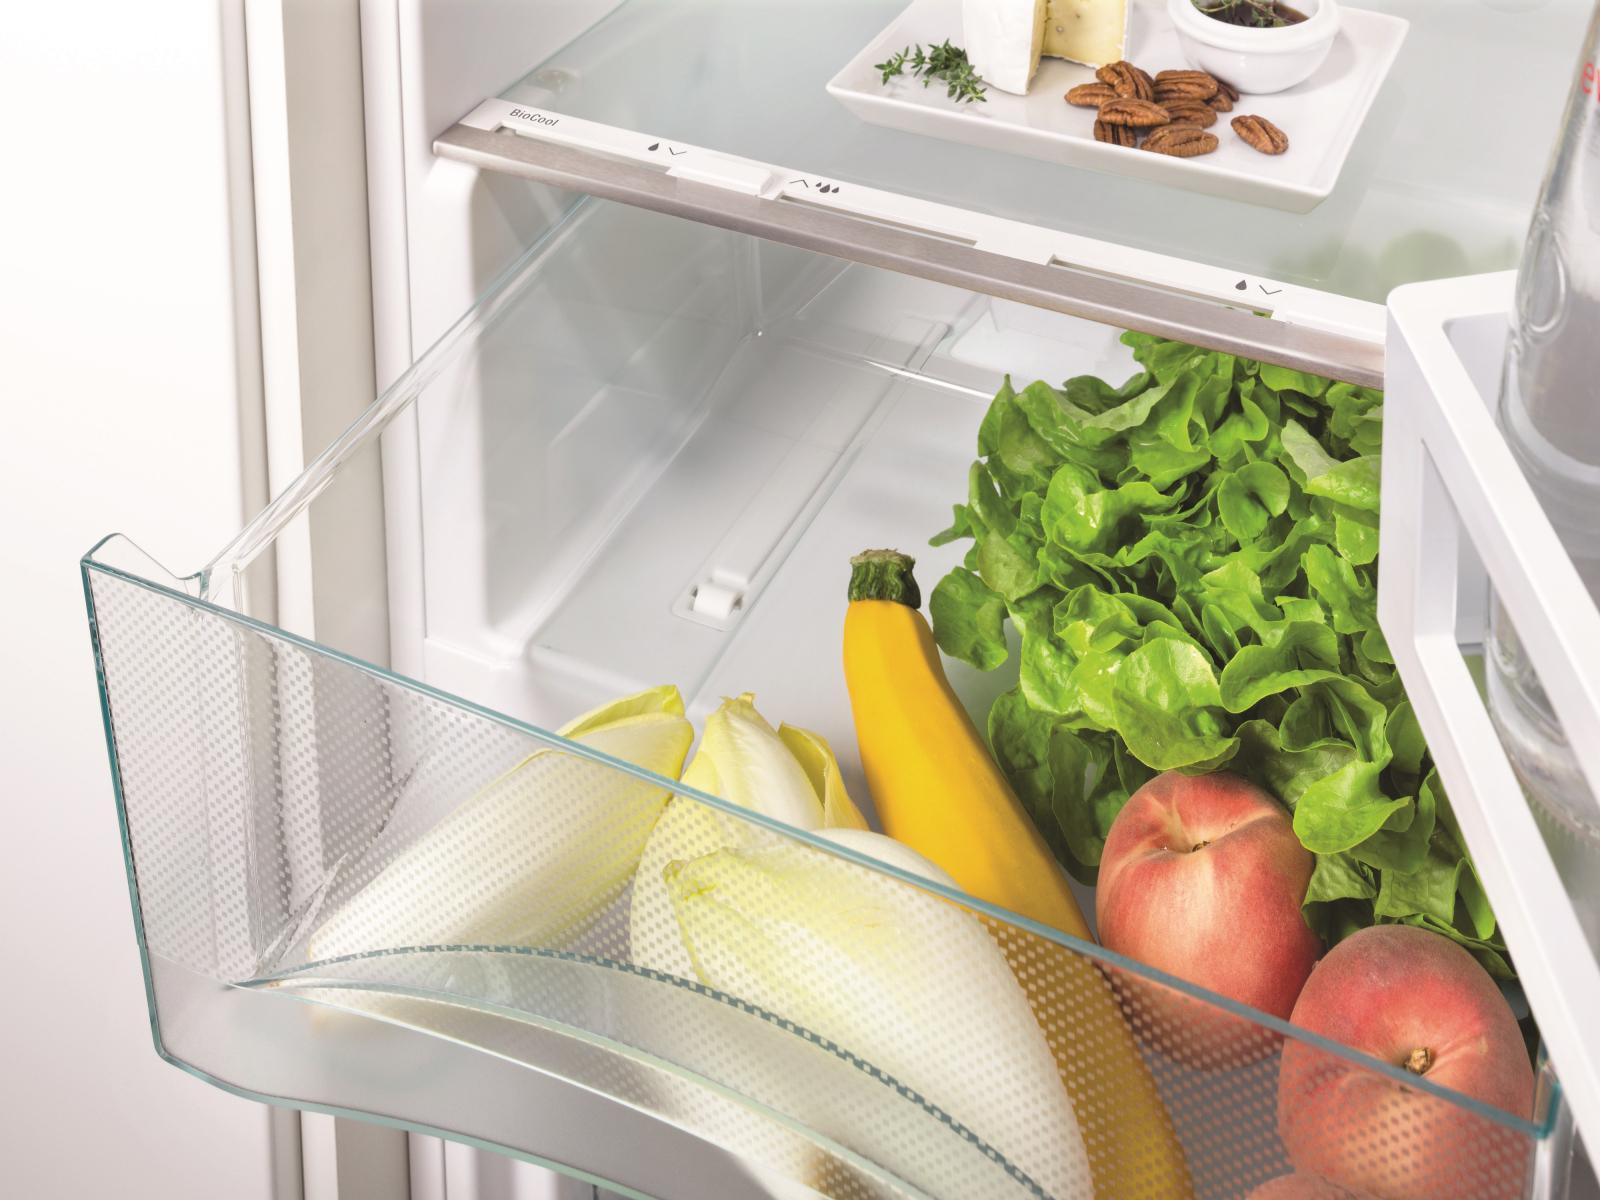 купить Встраиваемый двухкамерный холодильник Liebherr ICUS 3324 Украина фото 6